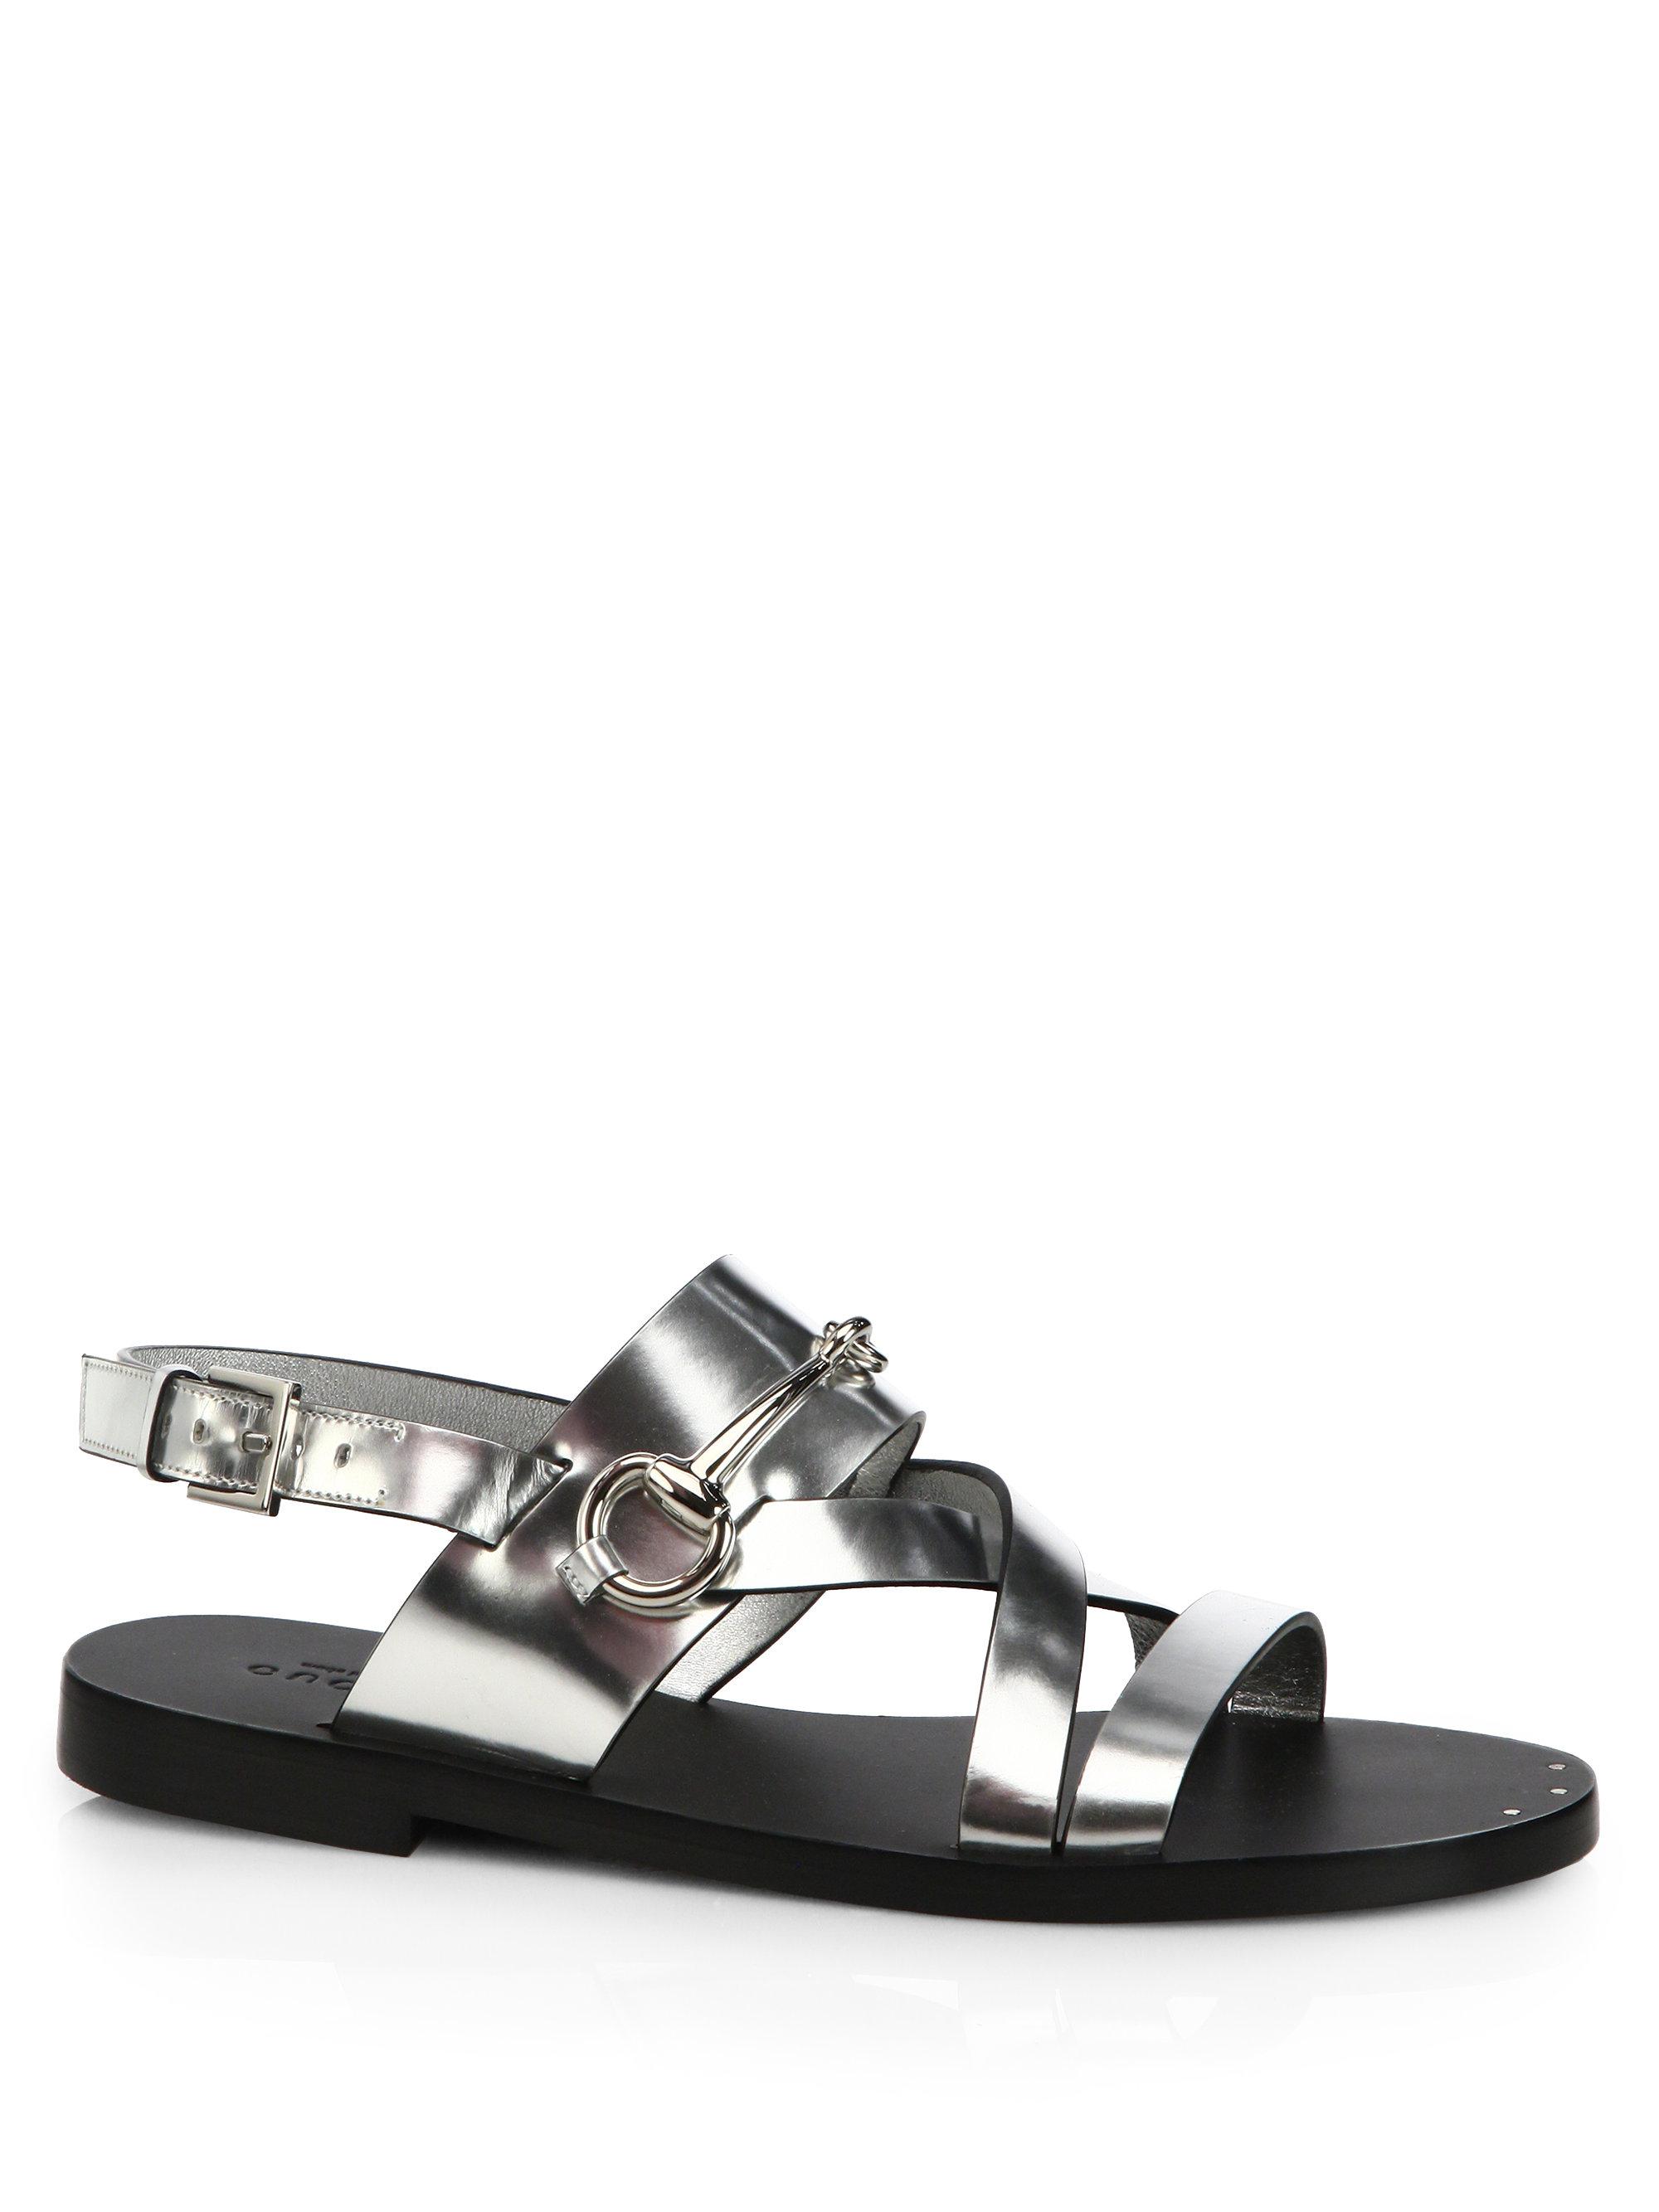 edf5e5890a20 Lyst - Gucci Juliette Strappy Flat Sandals in Metallic